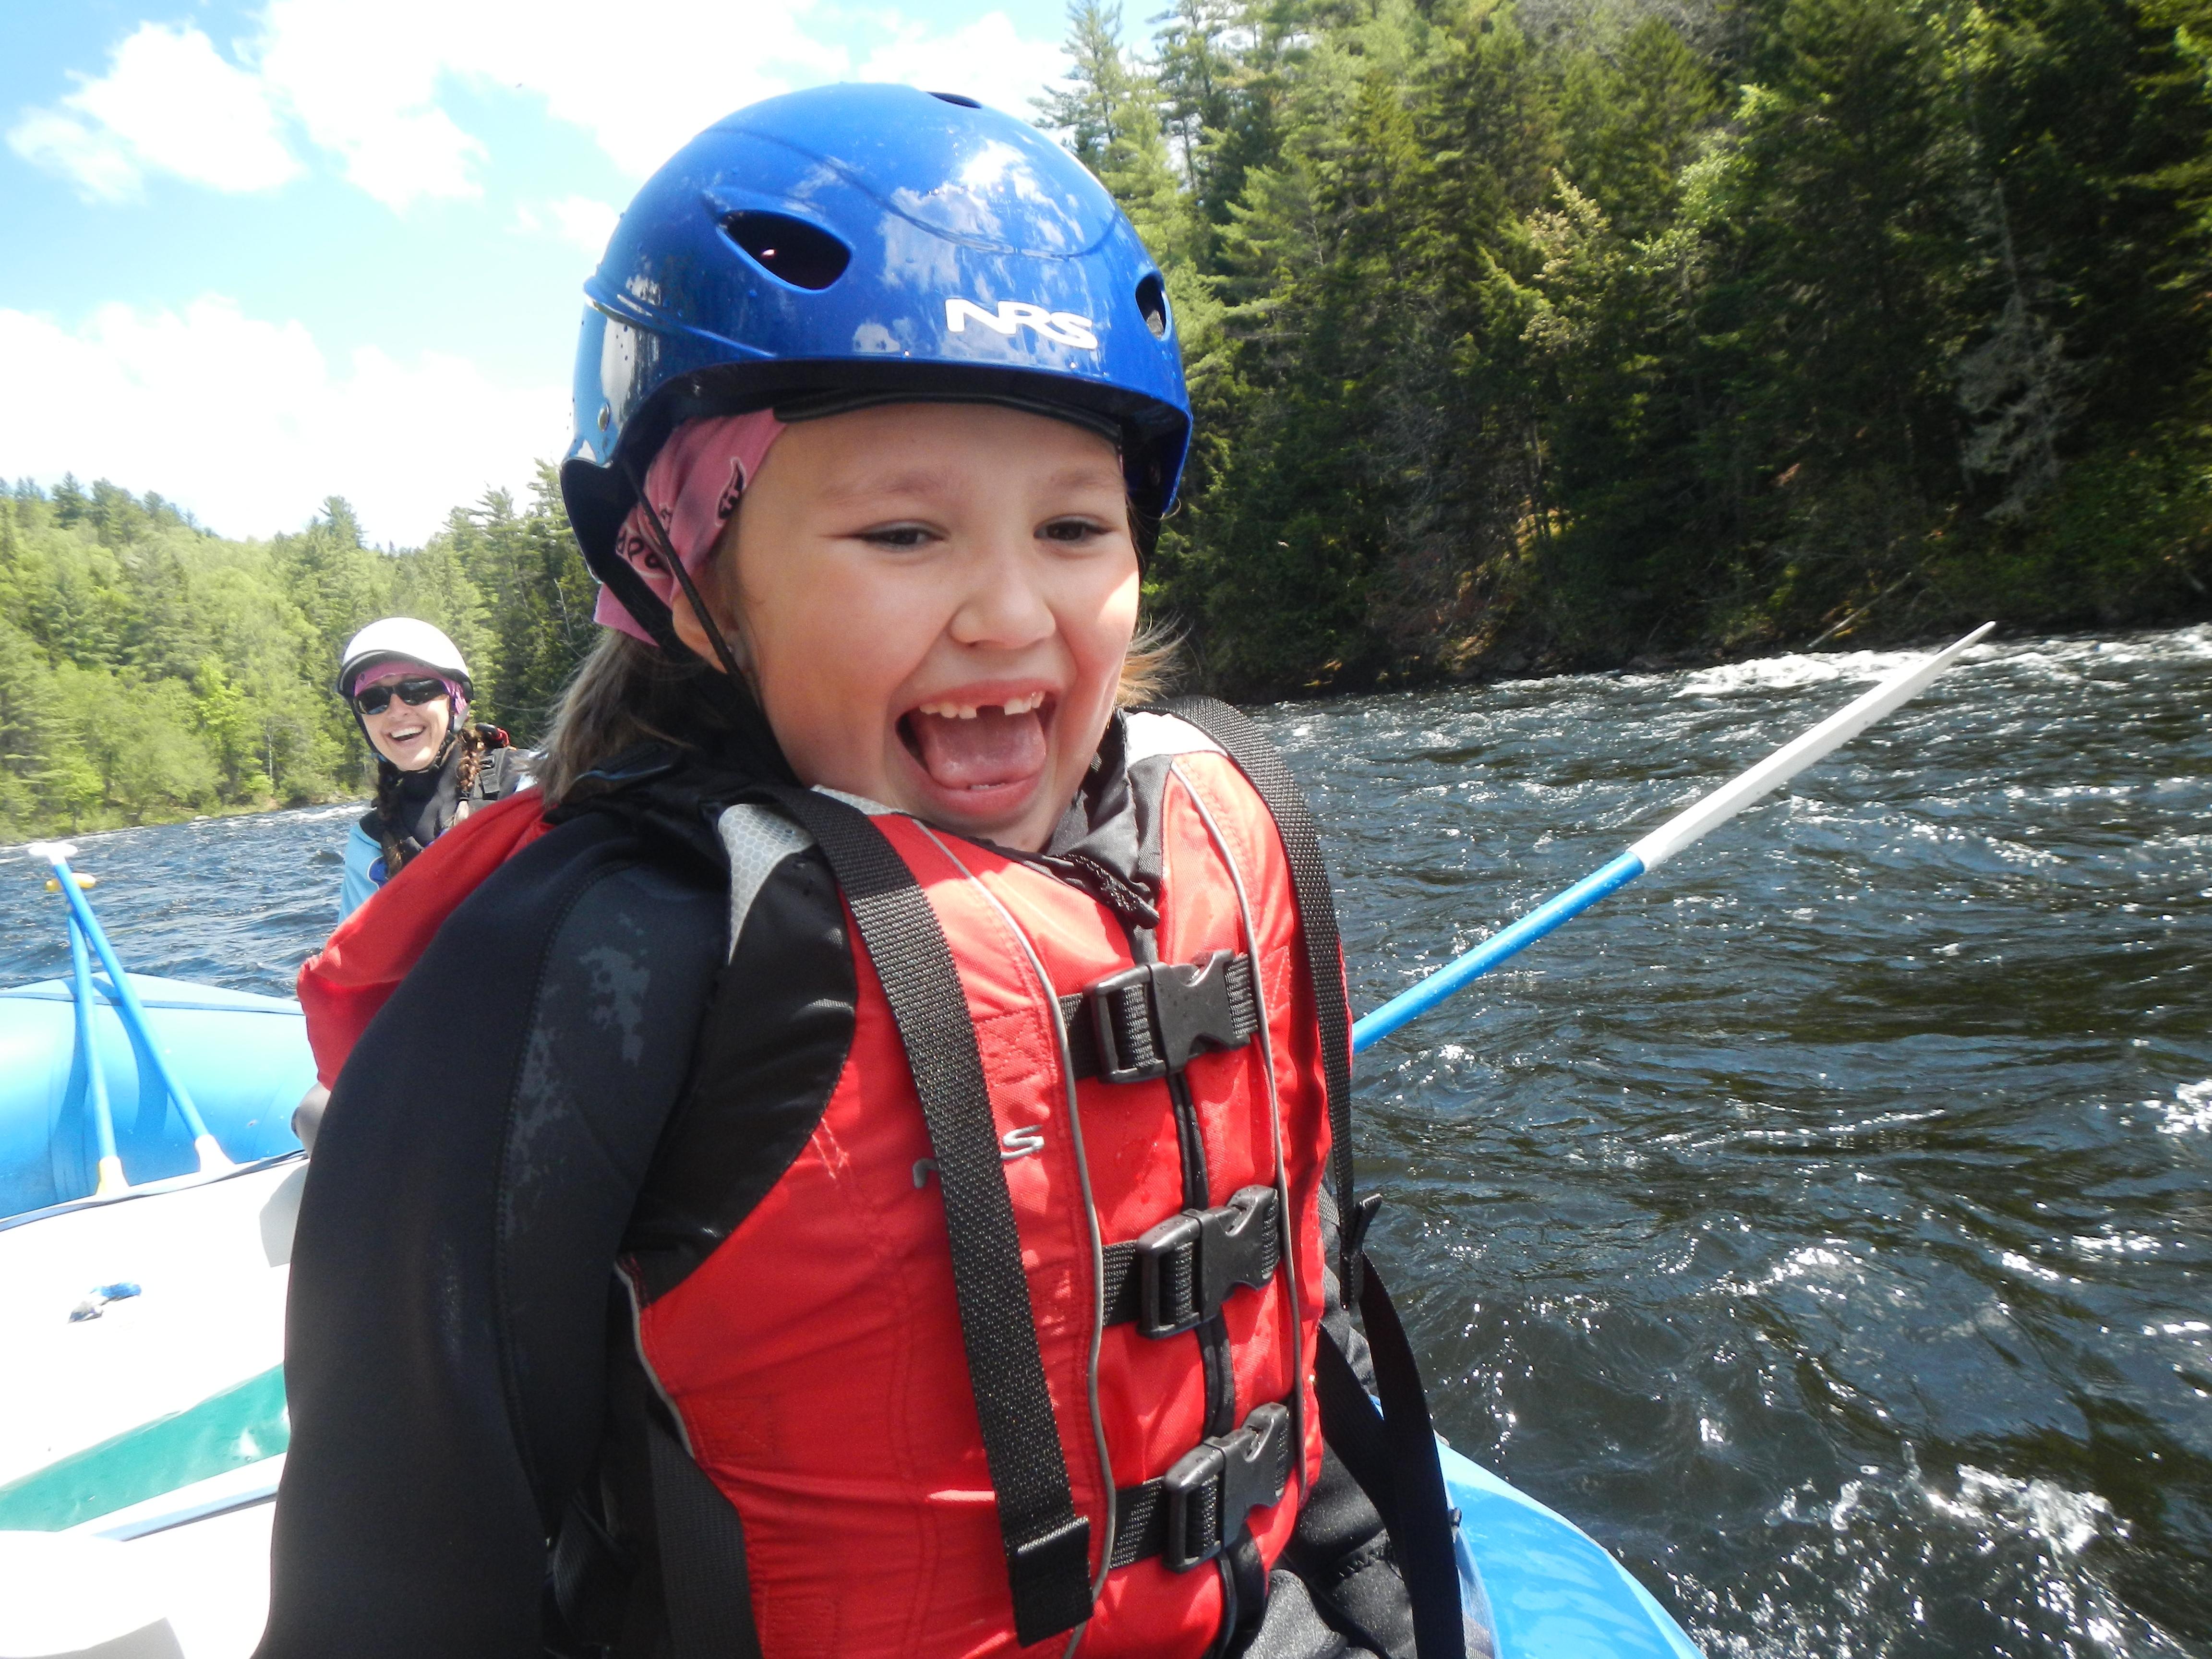 Small Child Having Fun Rafting